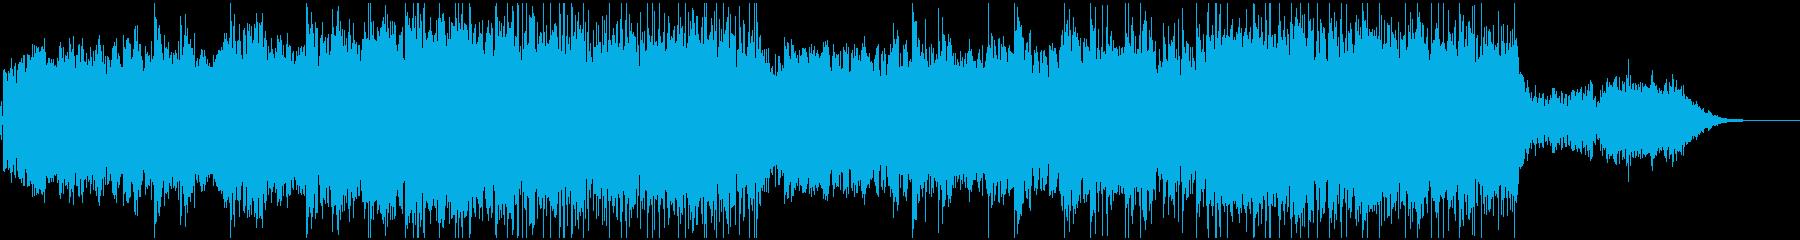 機械仕掛けの都市をイメージしたBGMの再生済みの波形